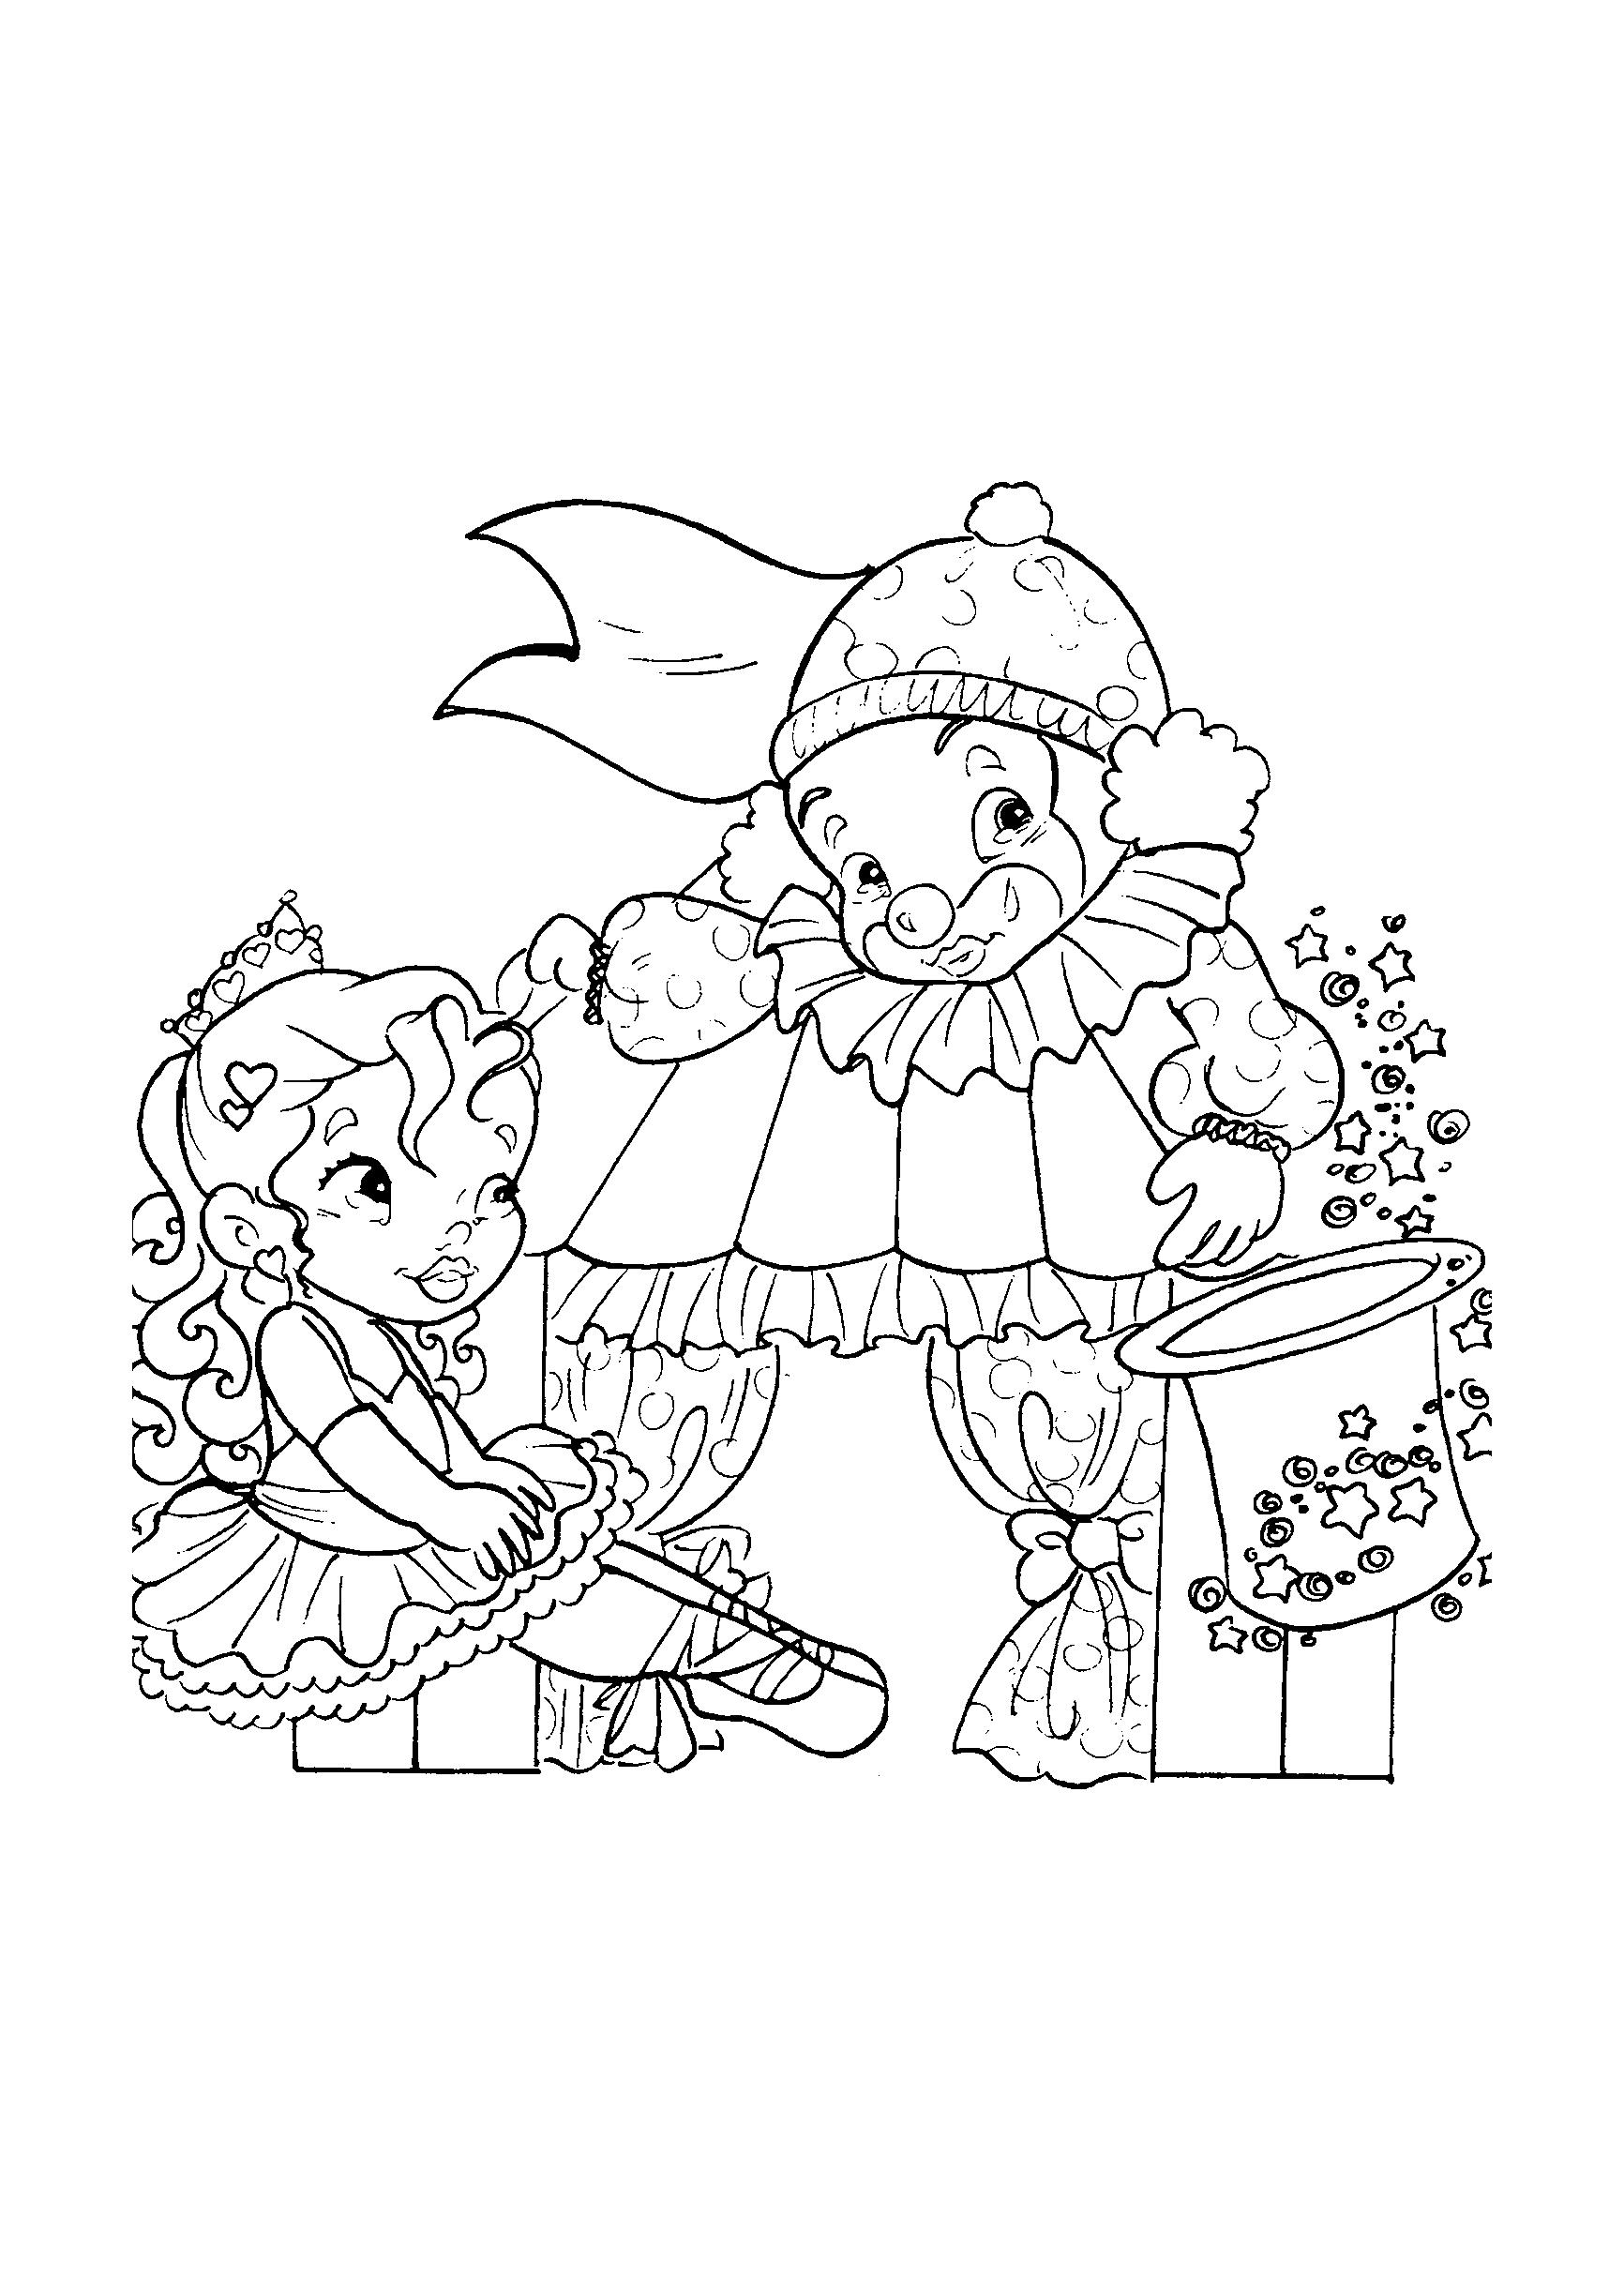 desenho-datas-marco-circo-menina